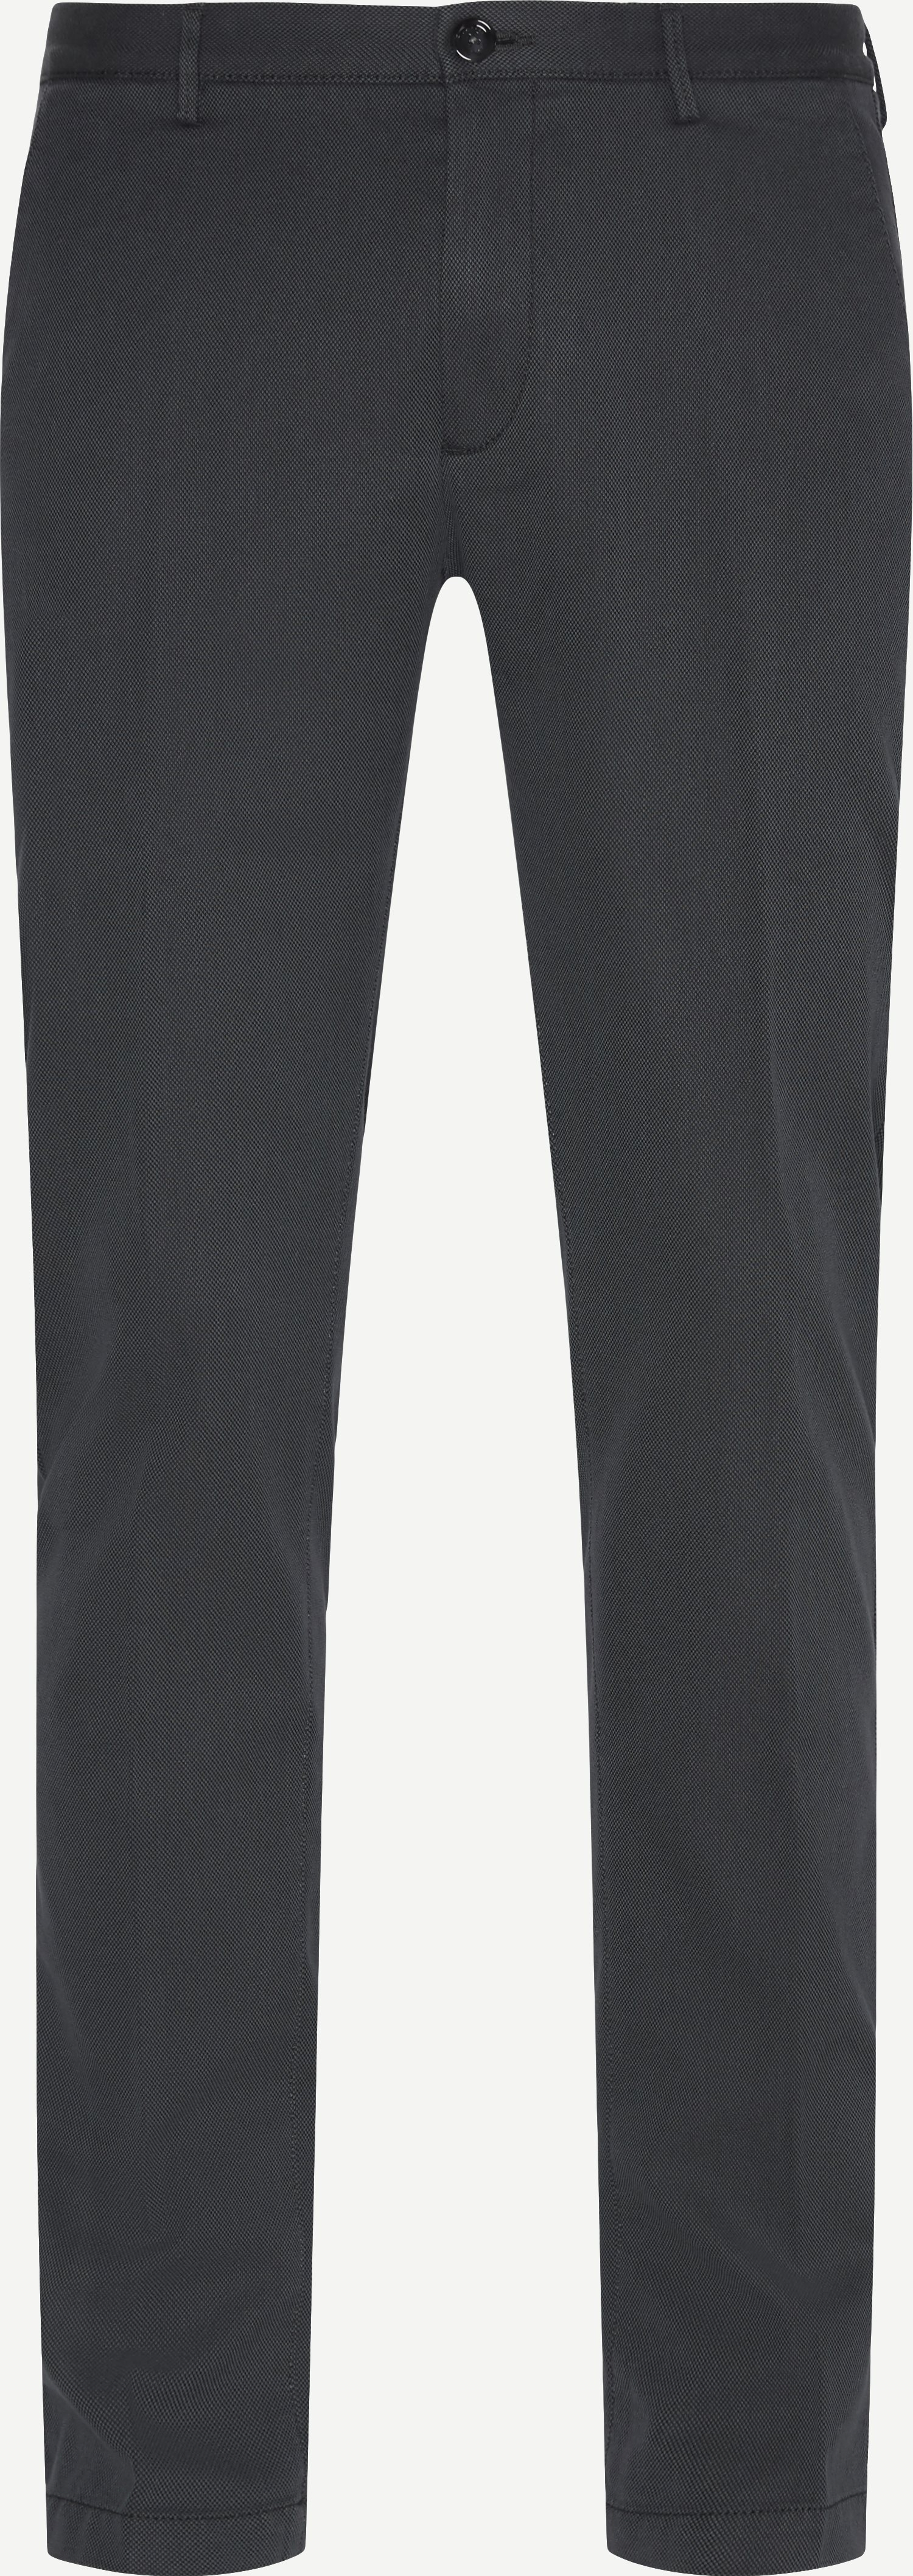 Hosen - Slim - Grau